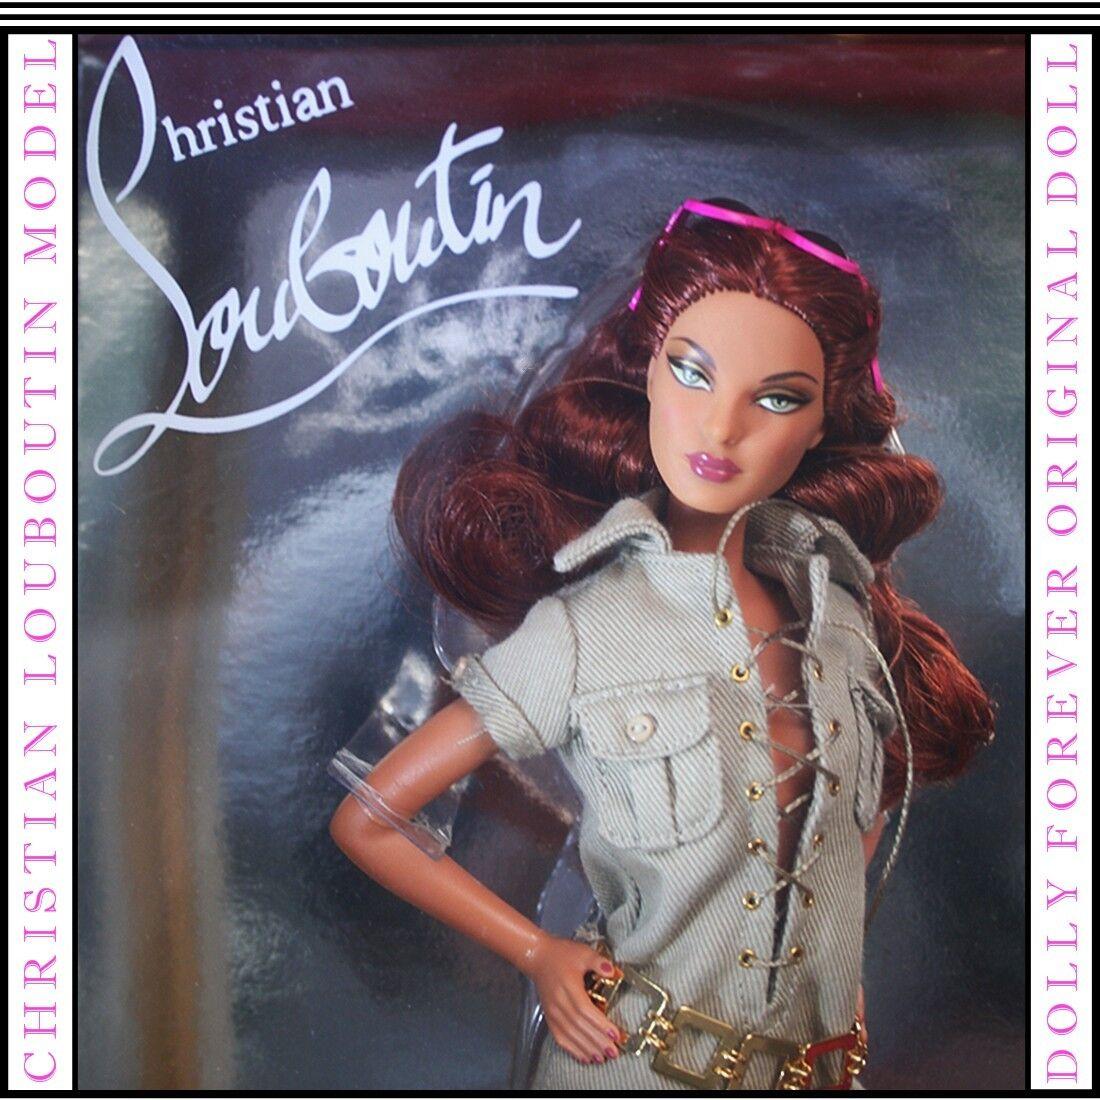 Christian Louboutin Dolly Para Siempre Muñeca Barbie para el coleccionista 2009 nuevo.. nunca quitado de la caja